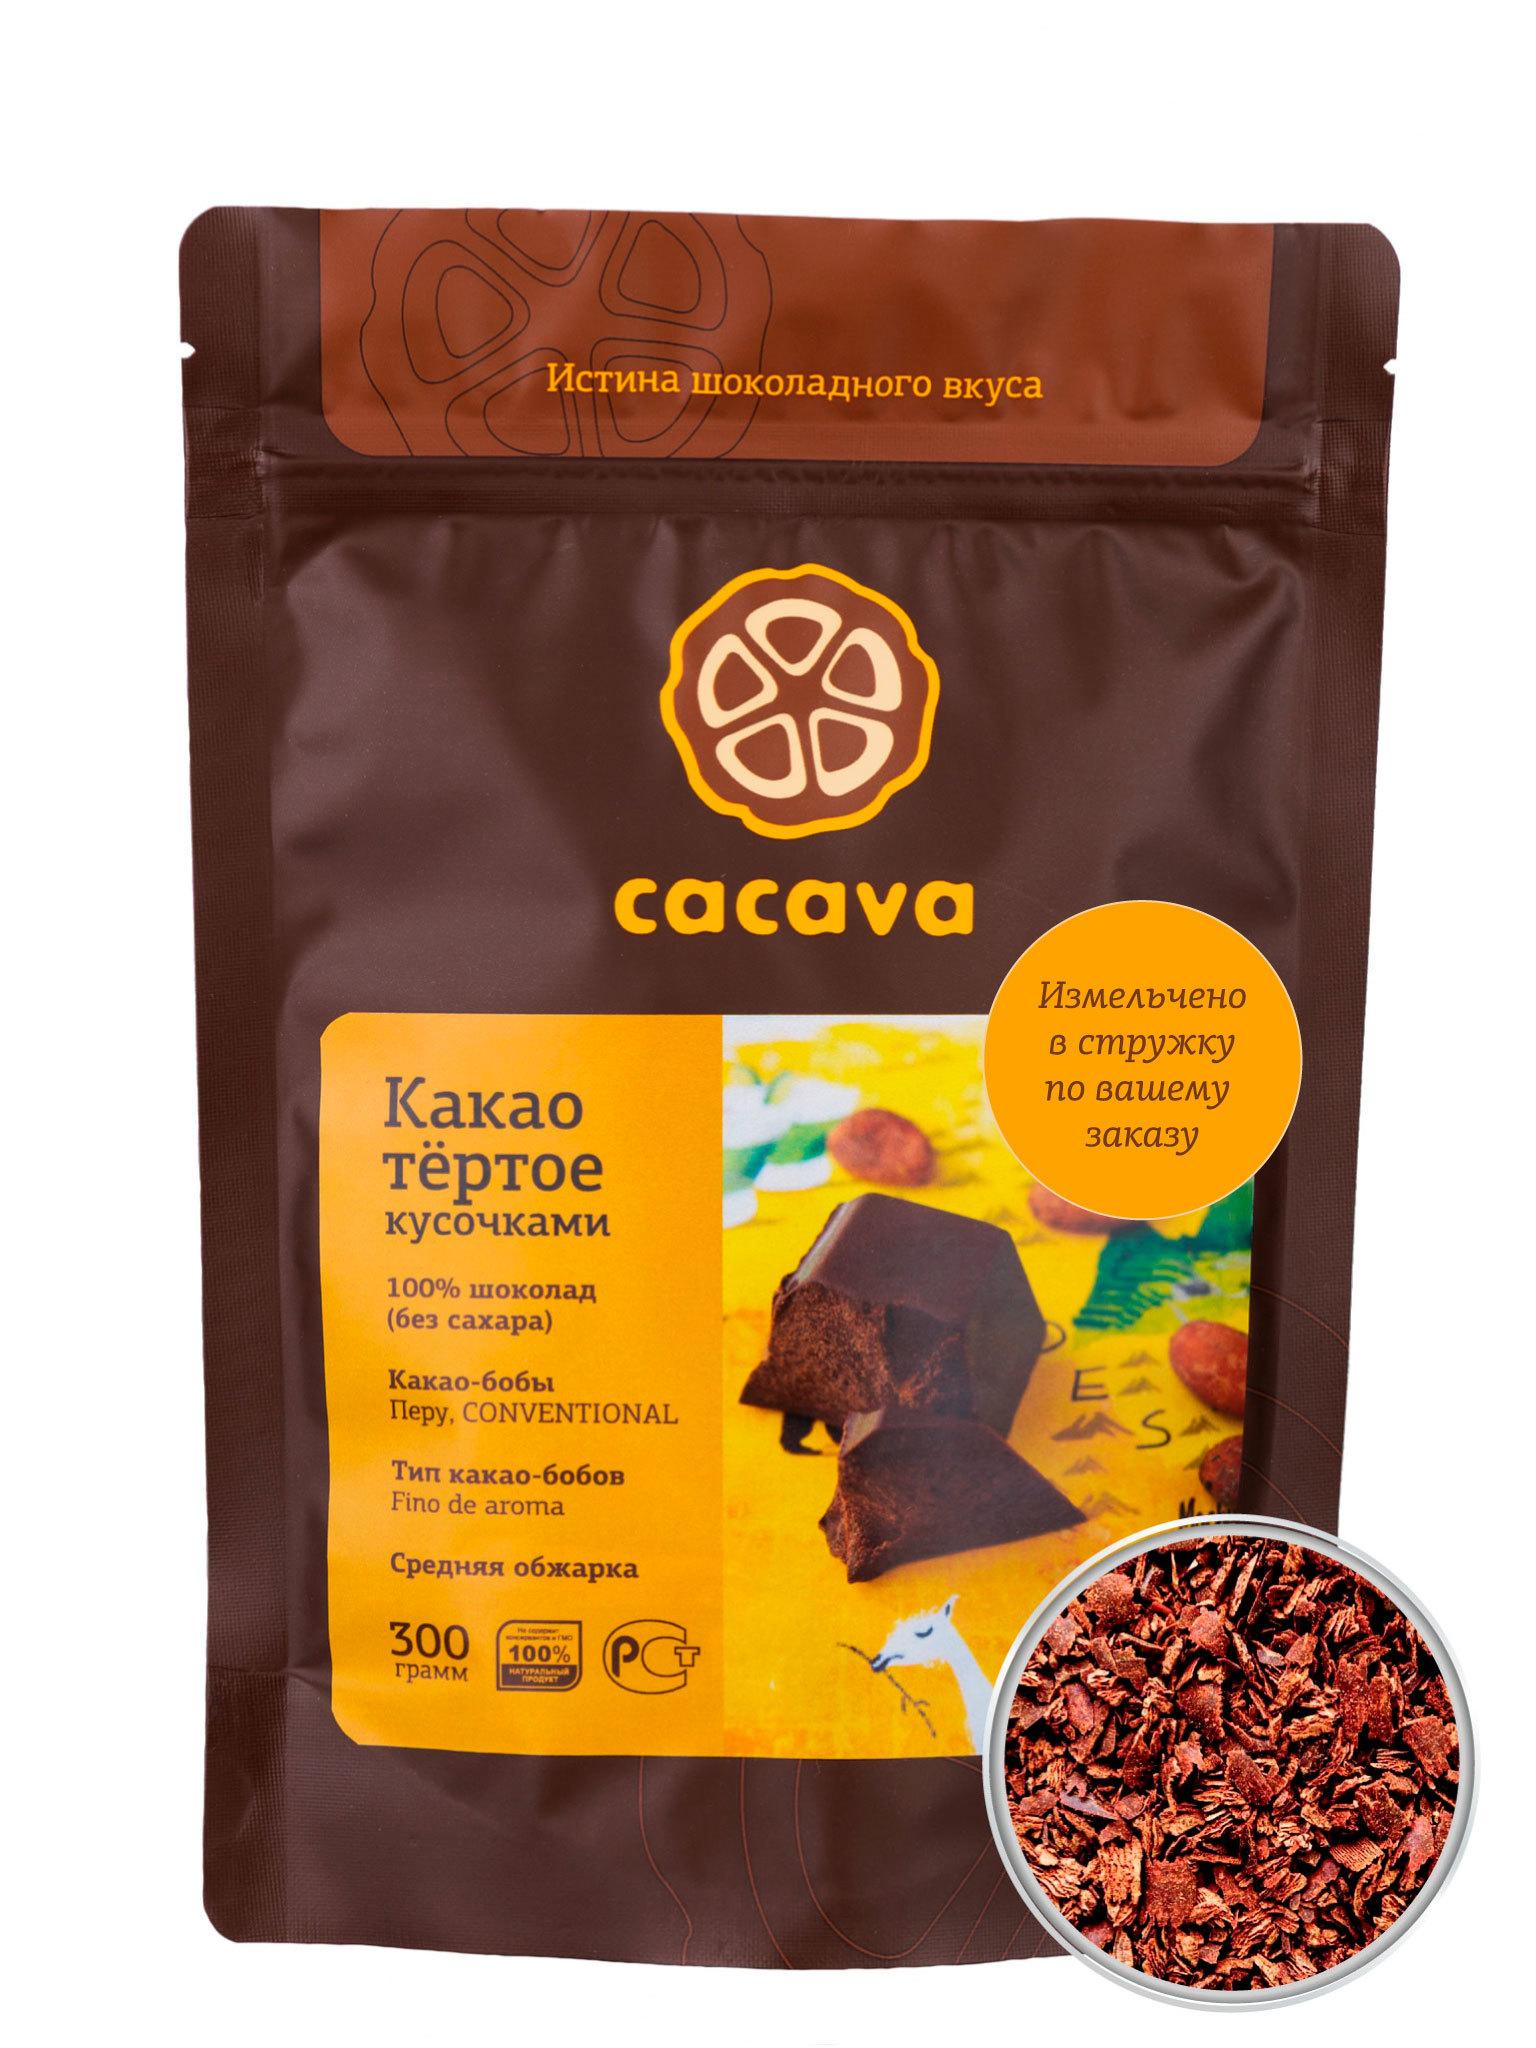 Какао тёртое в стружке (Перу, Conventional), упаковка 300 грамм